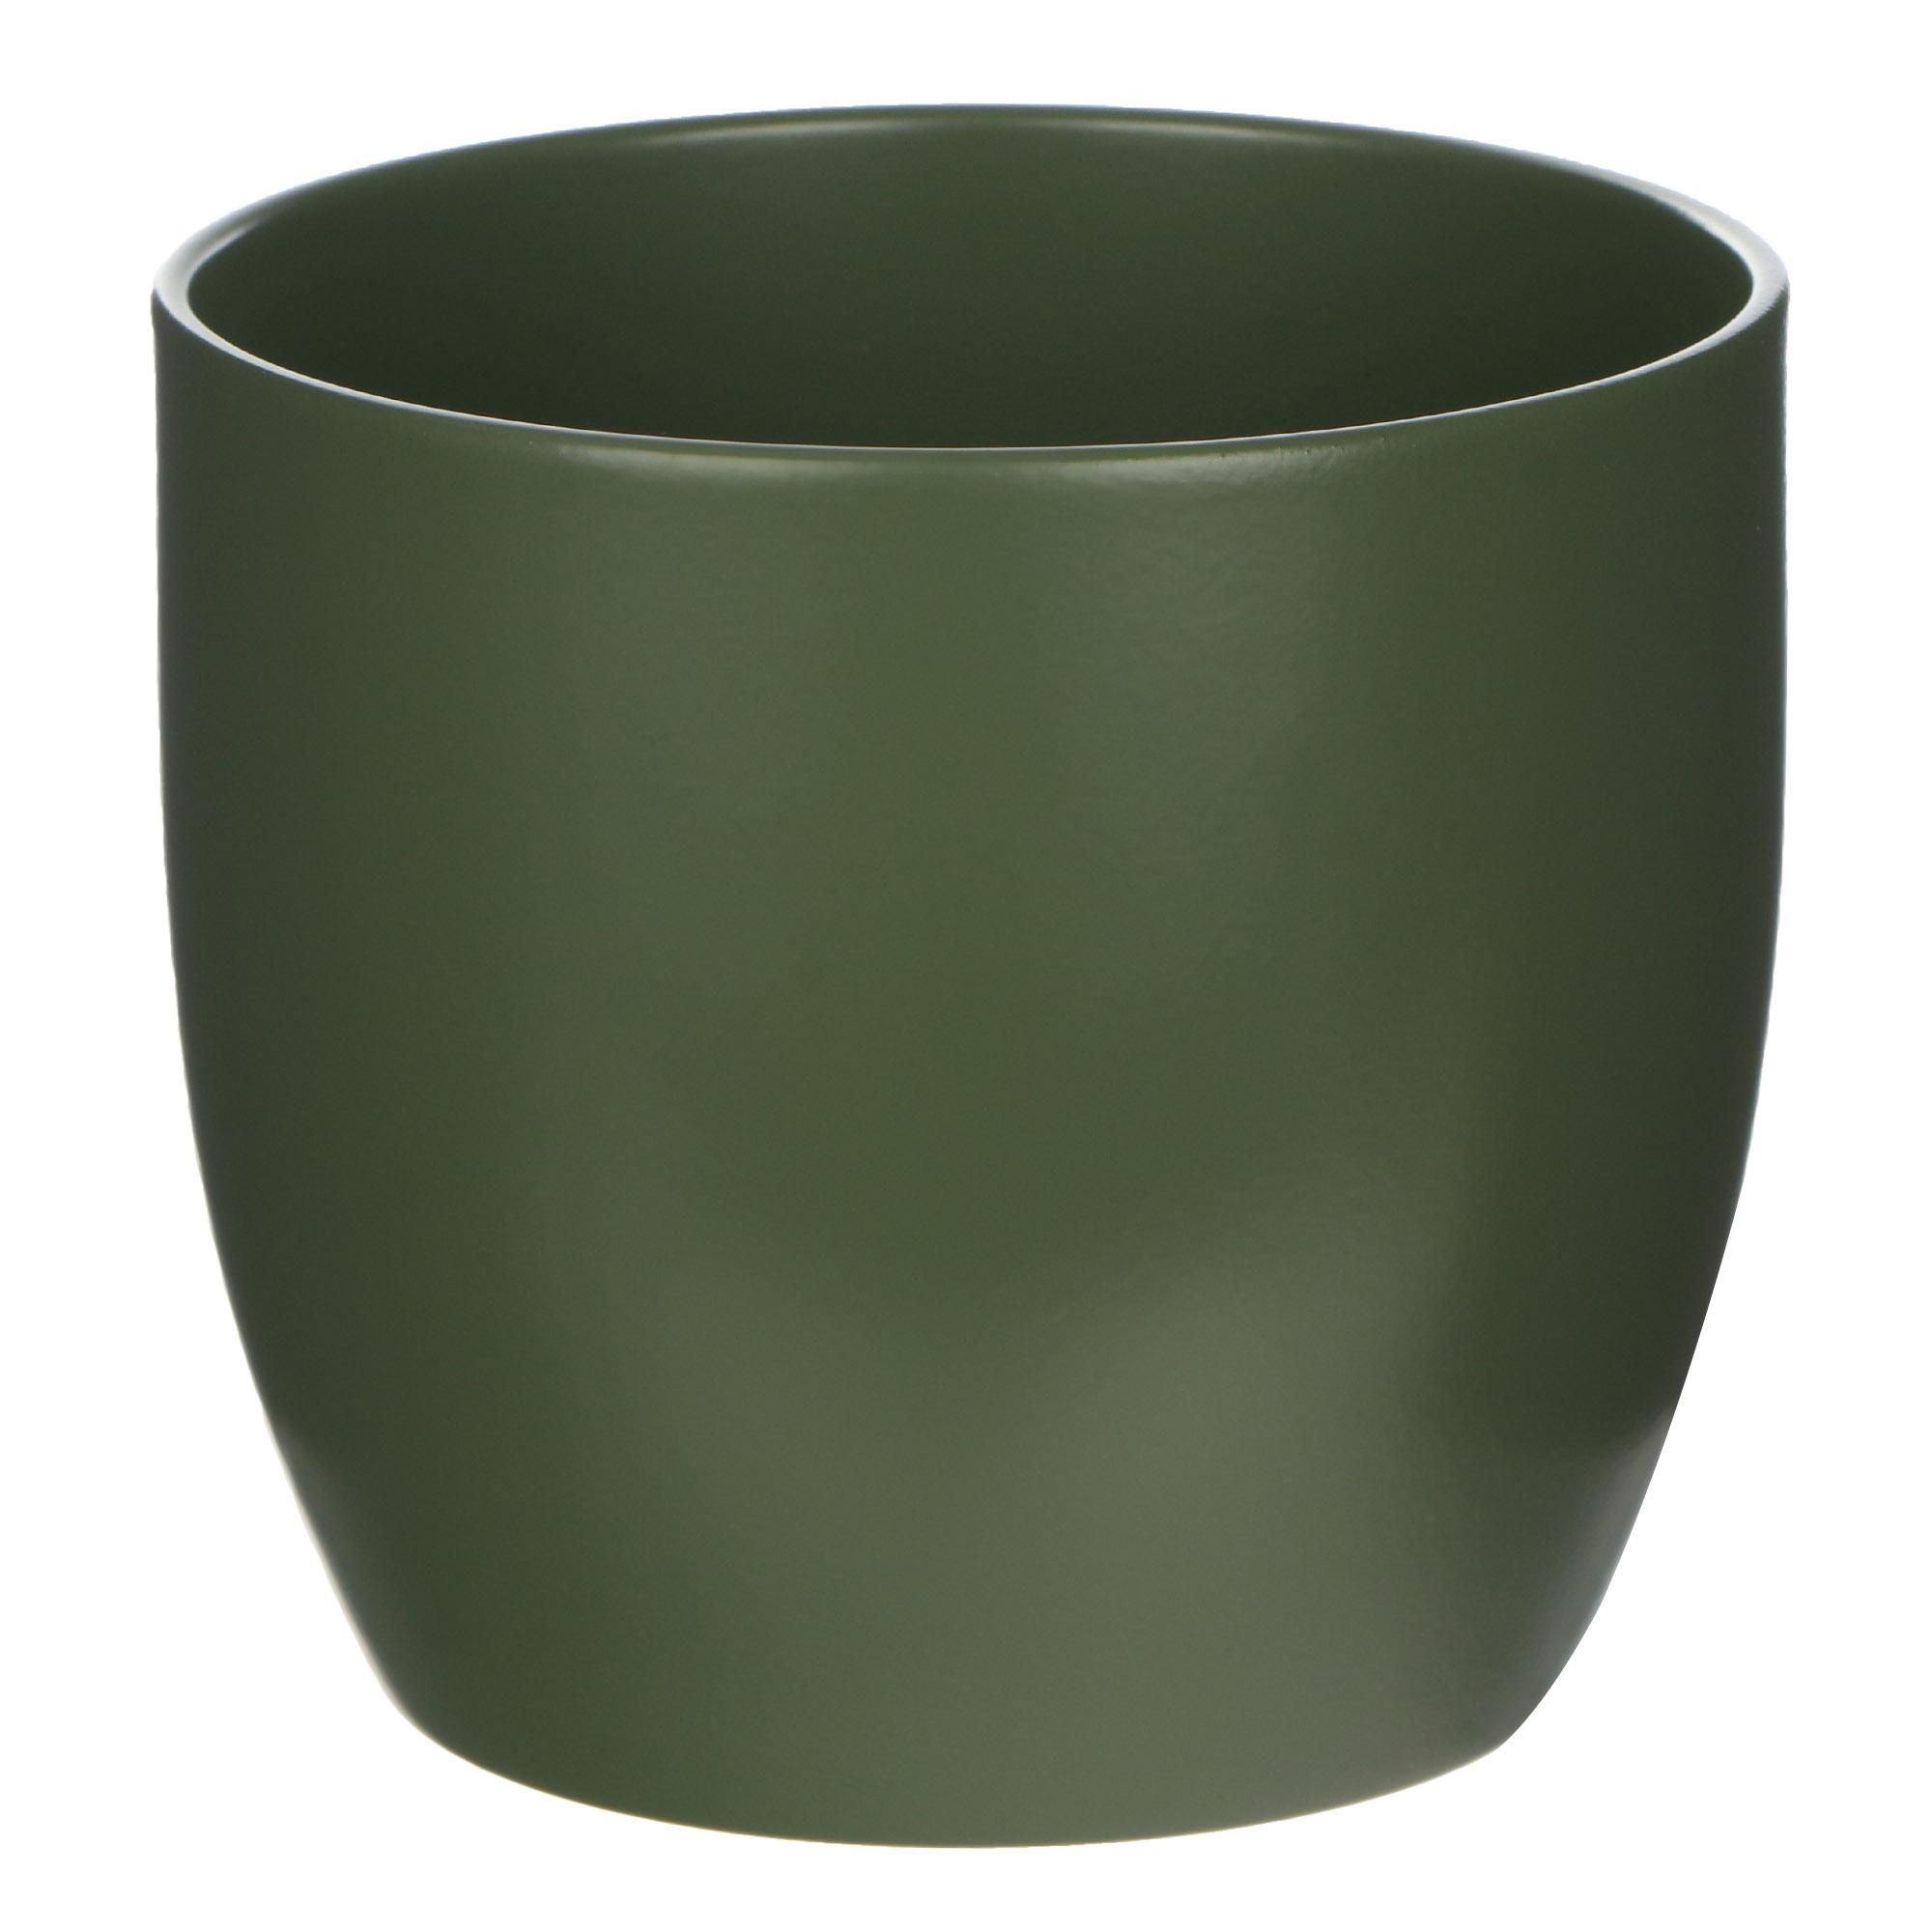 Кашпо Soendgen basel d12 матовый темно-зеленый недорого